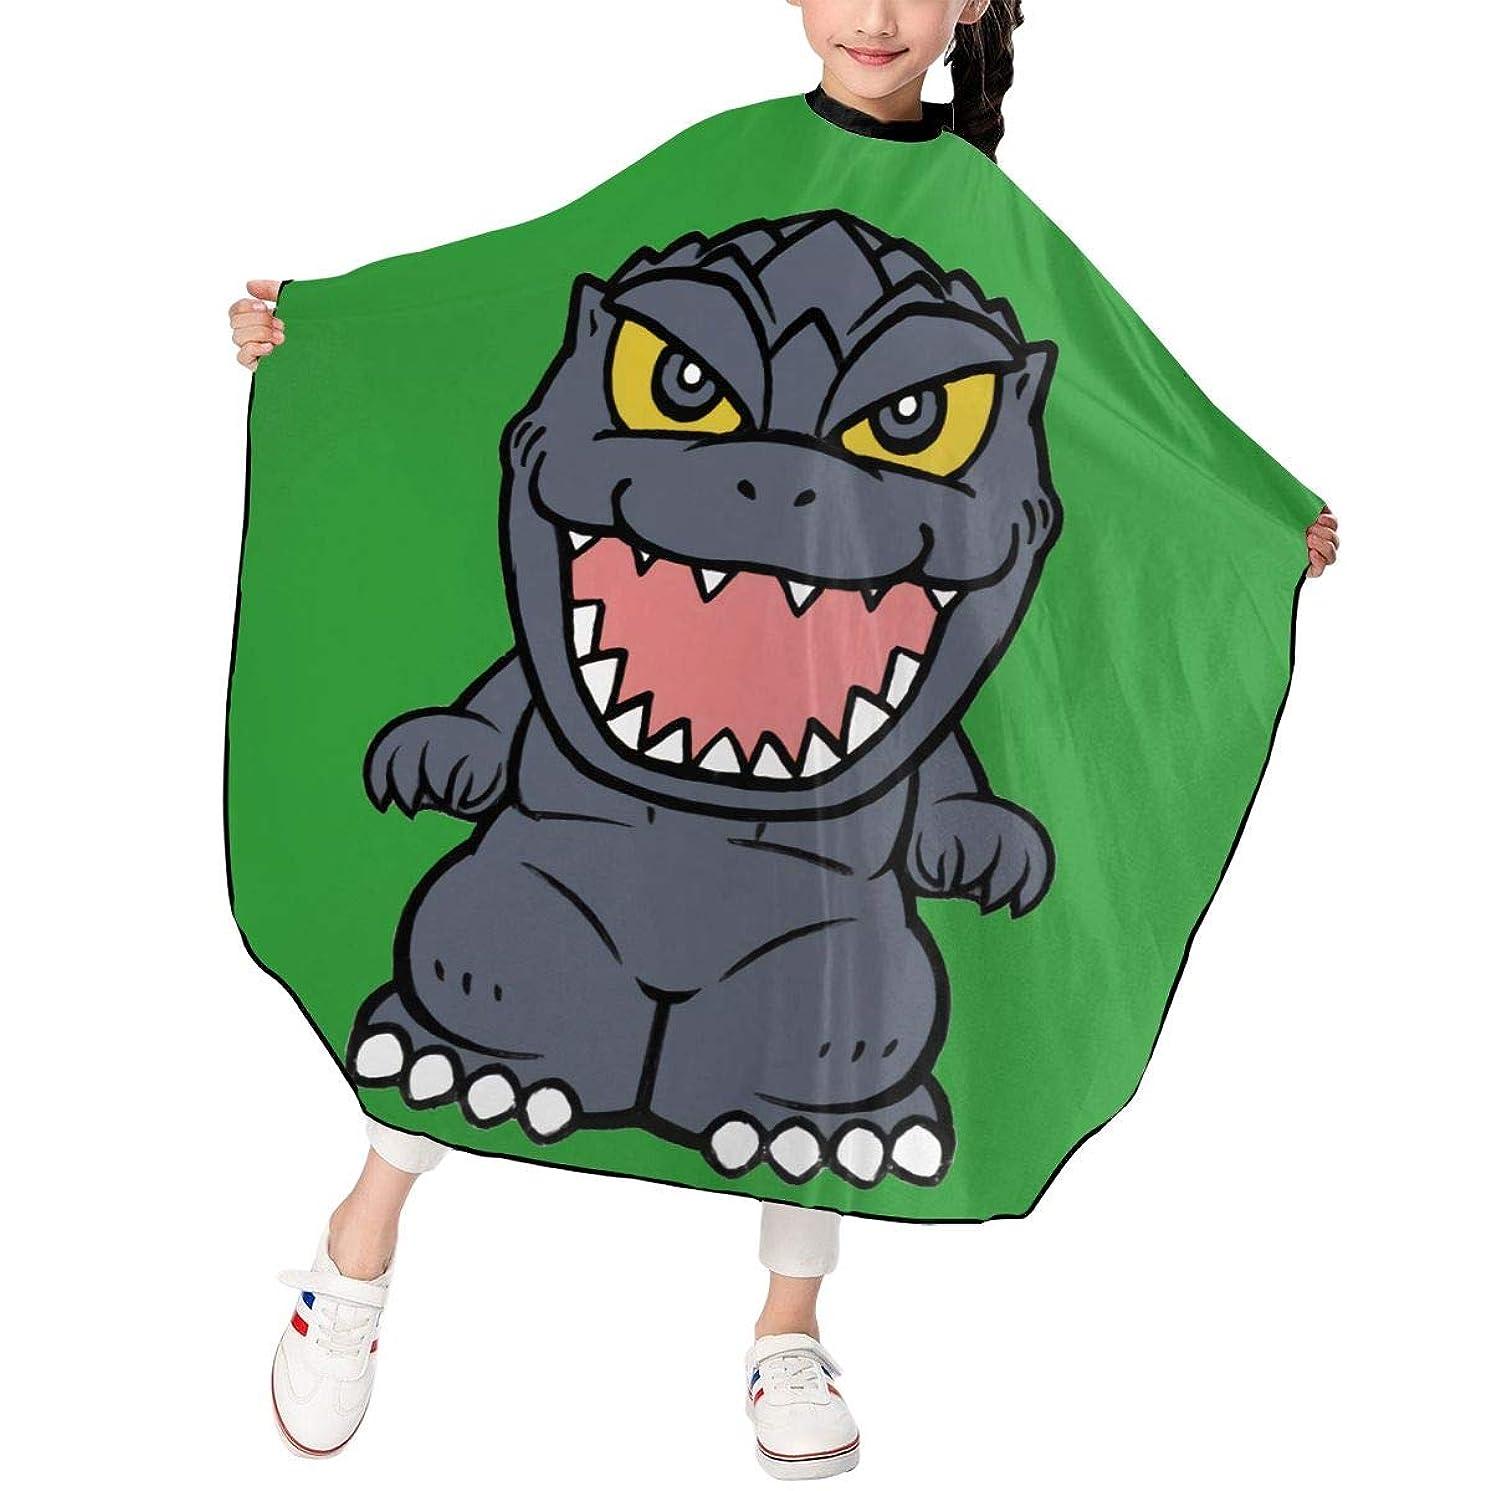 ひそかにエキサイティング透けるPST-LF Godzilla ゴジラ 恐竜 散髪ケープ 散髪マント ファミリー理髪 折りたたみ式 ヘアカットケープ ヘアダイケープ 自宅 サロン 防水 散髪マント 幼児用 ヘアカット 子供用ヘアカットケープ 散髪ケープ